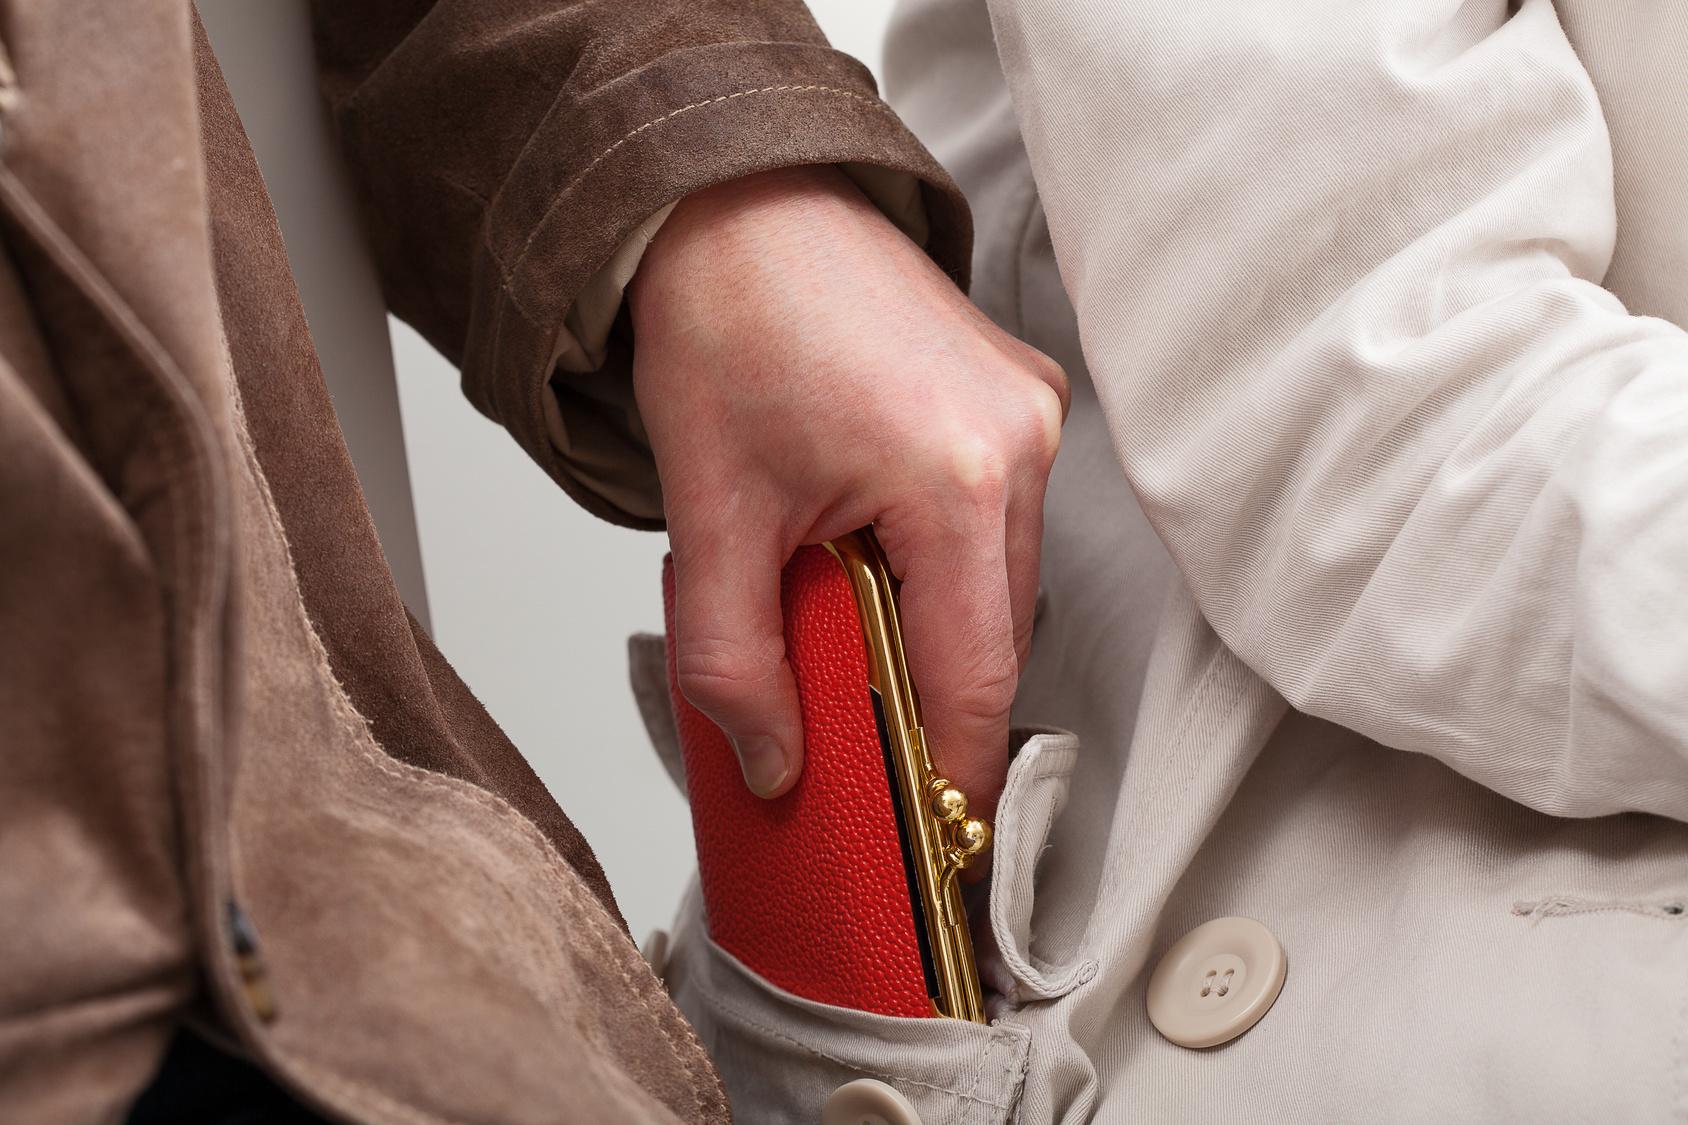 złodziej kieszonkowiec portfel kradzież - Fotolia